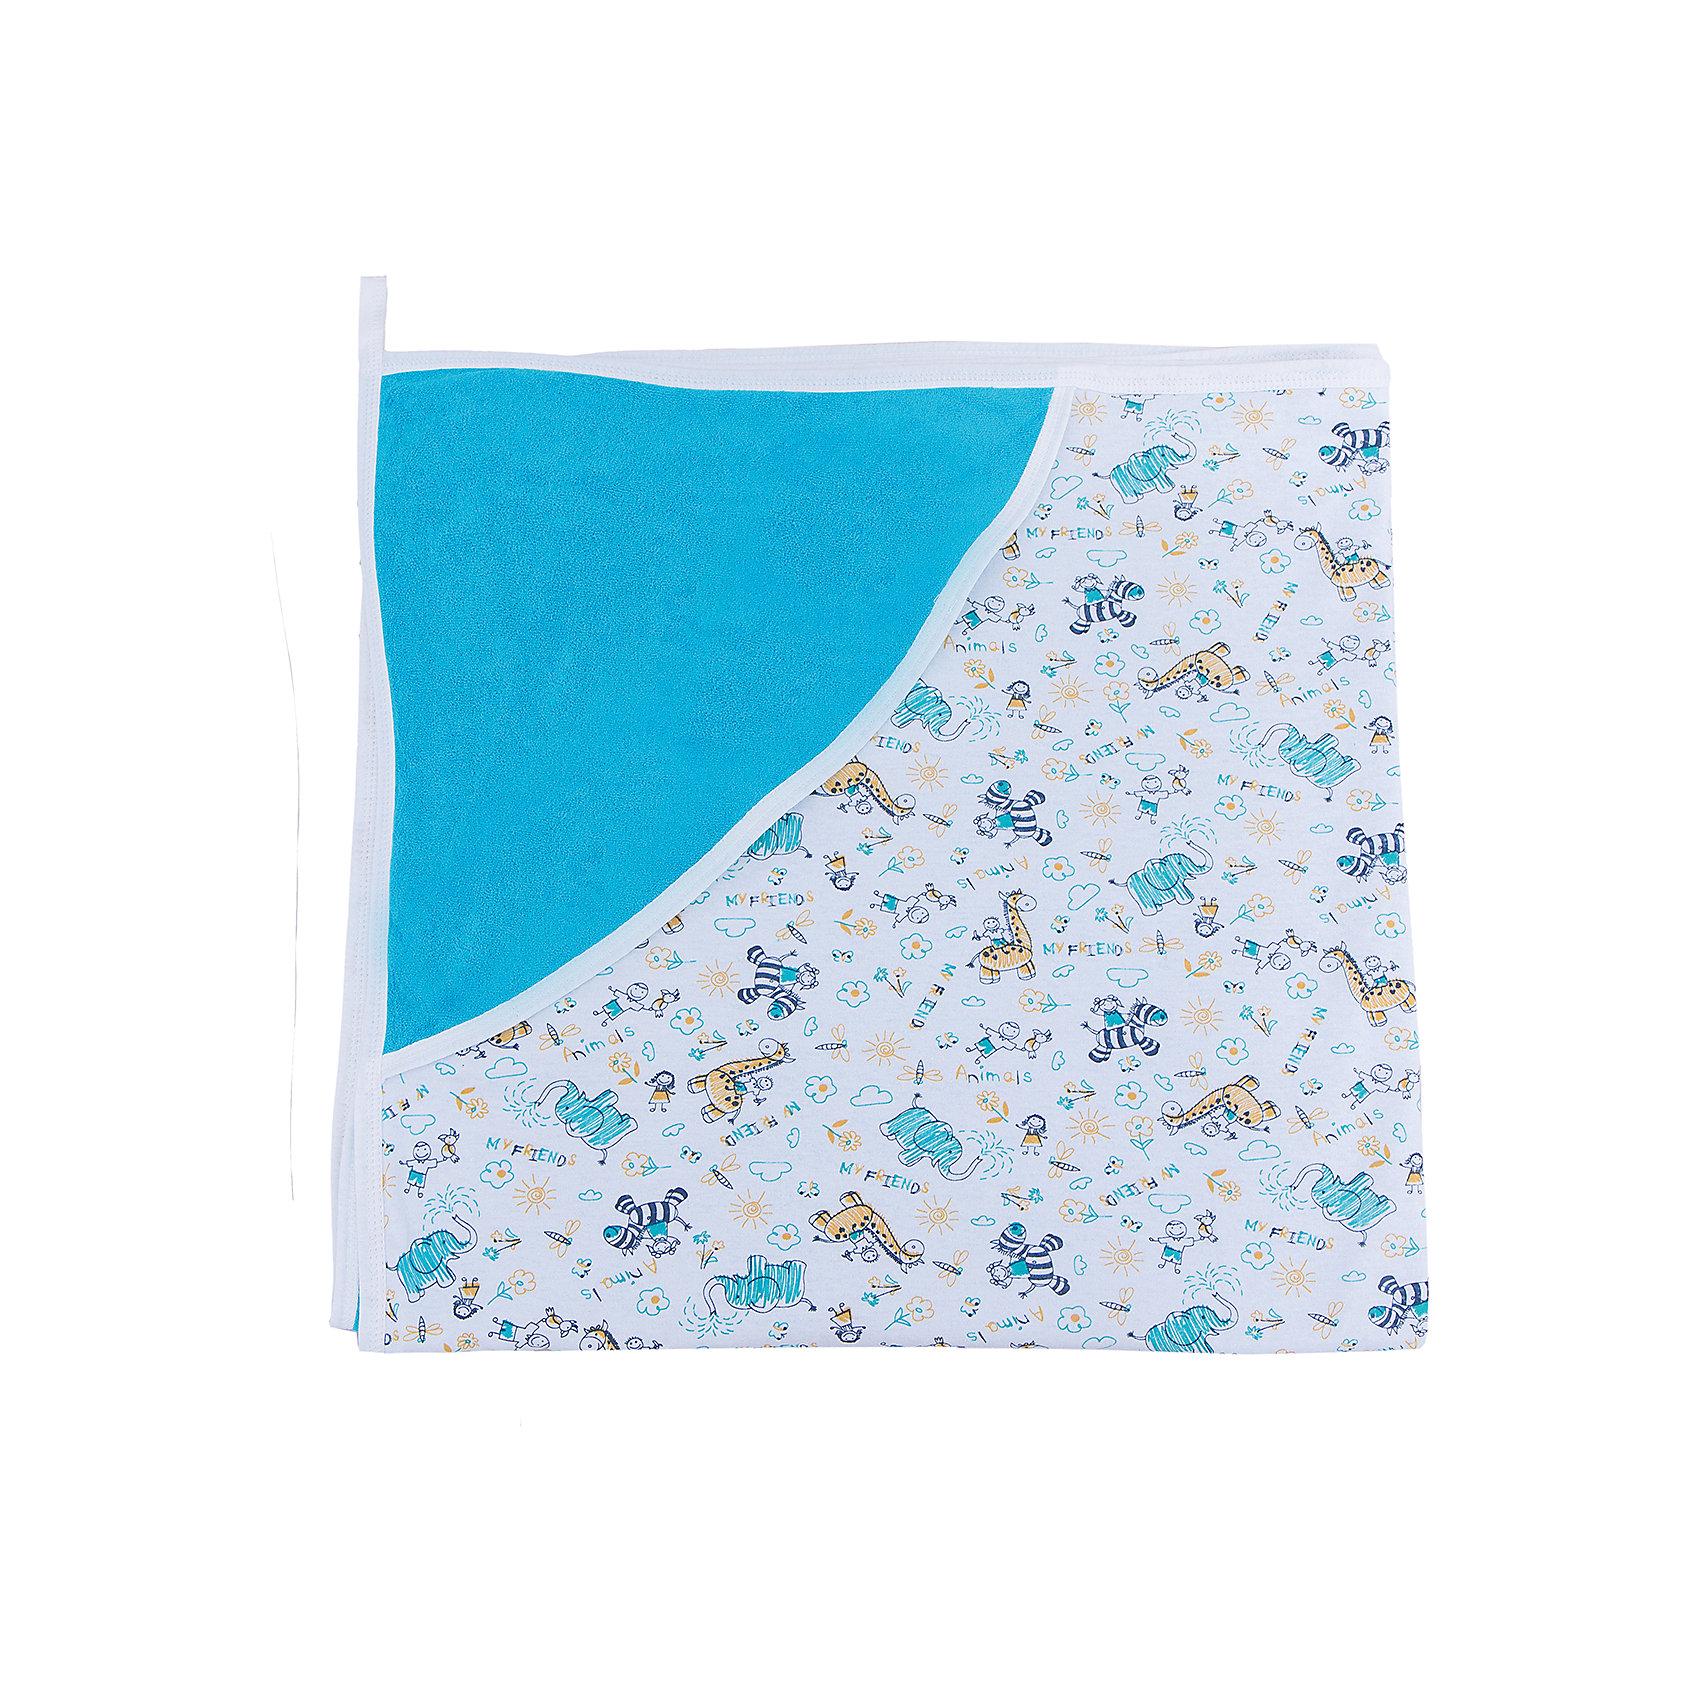 Пелёнка махровая, Сонный гномик, голубойПеленание<br>Характеристики:<br><br>• Вид детского текстиля: пеленка для купания<br>• Пол: для мальчика<br>• Тематика рисунка: сюжетный<br>• Сезон: круглый год<br>• Материал: хлопок 100%<br>• Цвет: голубой, белый, зеленый, бежевый<br>• Размеры: 90*90 см<br>• Наличие петельки для подвешивания<br>• Наличие уголка-капюшона<br>• Вес в упаковке: 320 г<br>• Особенности ухода: машинная стирка при температуре 30 градусов<br><br>Пелёнка махровая, Сонный гномик, голубой от отечественного торгового бренда изготовлена с учетом международных требований к качеству и безопасности товаров для детей. Пелёнка имеет удобную квадратную форму. Одна сторона выполнена из махрового полотна, вторая – из трикотажного полотна. Пеленка предназначена для купания, для удобства ее использования предусмотрена петелька для подвешивания на крючок. Для защиты головы малыша имеется капюшон в форме уголка. Изделие выполнено из натурального хлопка, что обеспечивает его хорошие влаговпитывающие свойства, при этом полотенце быстро высыхает и легко стирается. <br>Пелёнка махровая, Сонный гномик, голубой обеспечит комфорт как во время купания, так и отдыха после приема ванны! <br><br>Пелёнку махровую, Сонный гномик, голубую можно купить в нашем интернет-магазине.<br><br>Ширина мм: 140<br>Глубина мм: 50<br>Высота мм: 120<br>Вес г: 320<br>Возраст от месяцев: 0<br>Возраст до месяцев: 48<br>Пол: Мужской<br>Возраст: Детский<br>SKU: 5213395